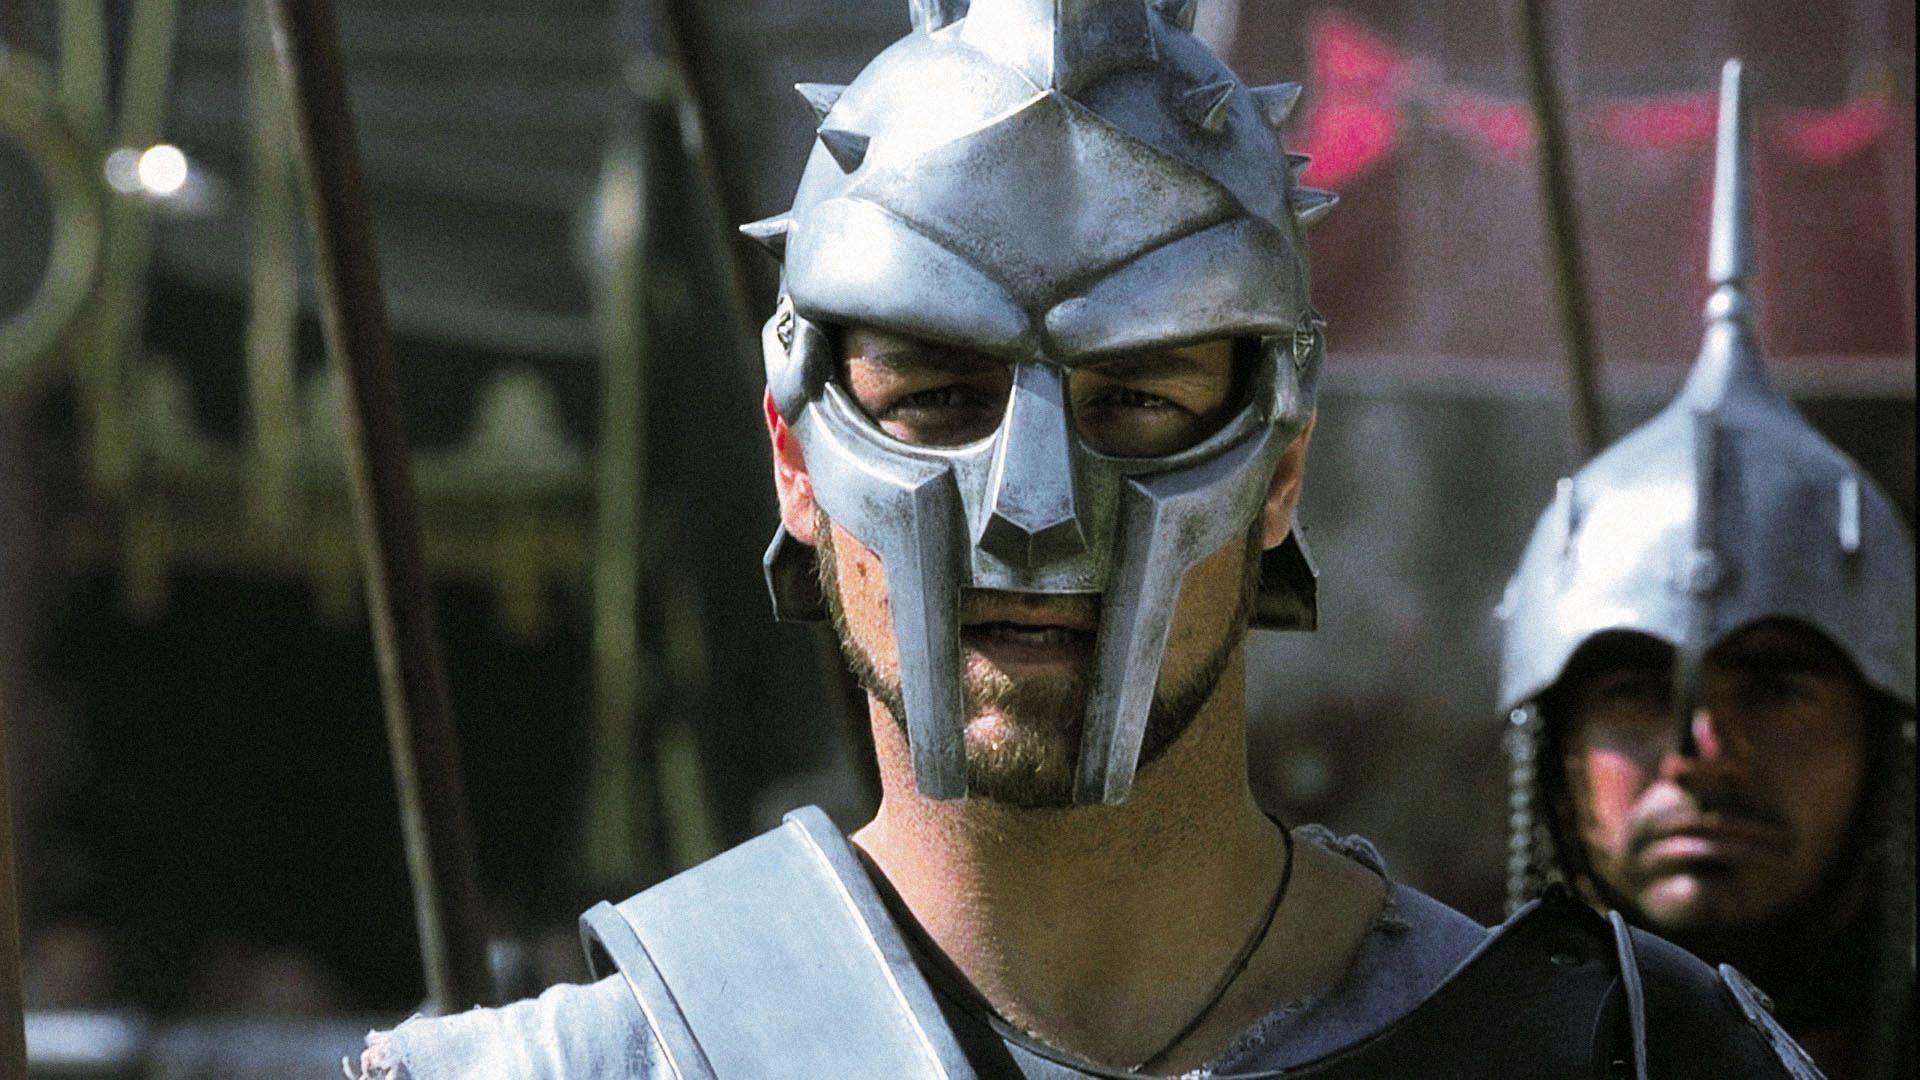 The Spaniard..Gladiator   Gladiator movie, Gladiator maximus, Gladiator 2000